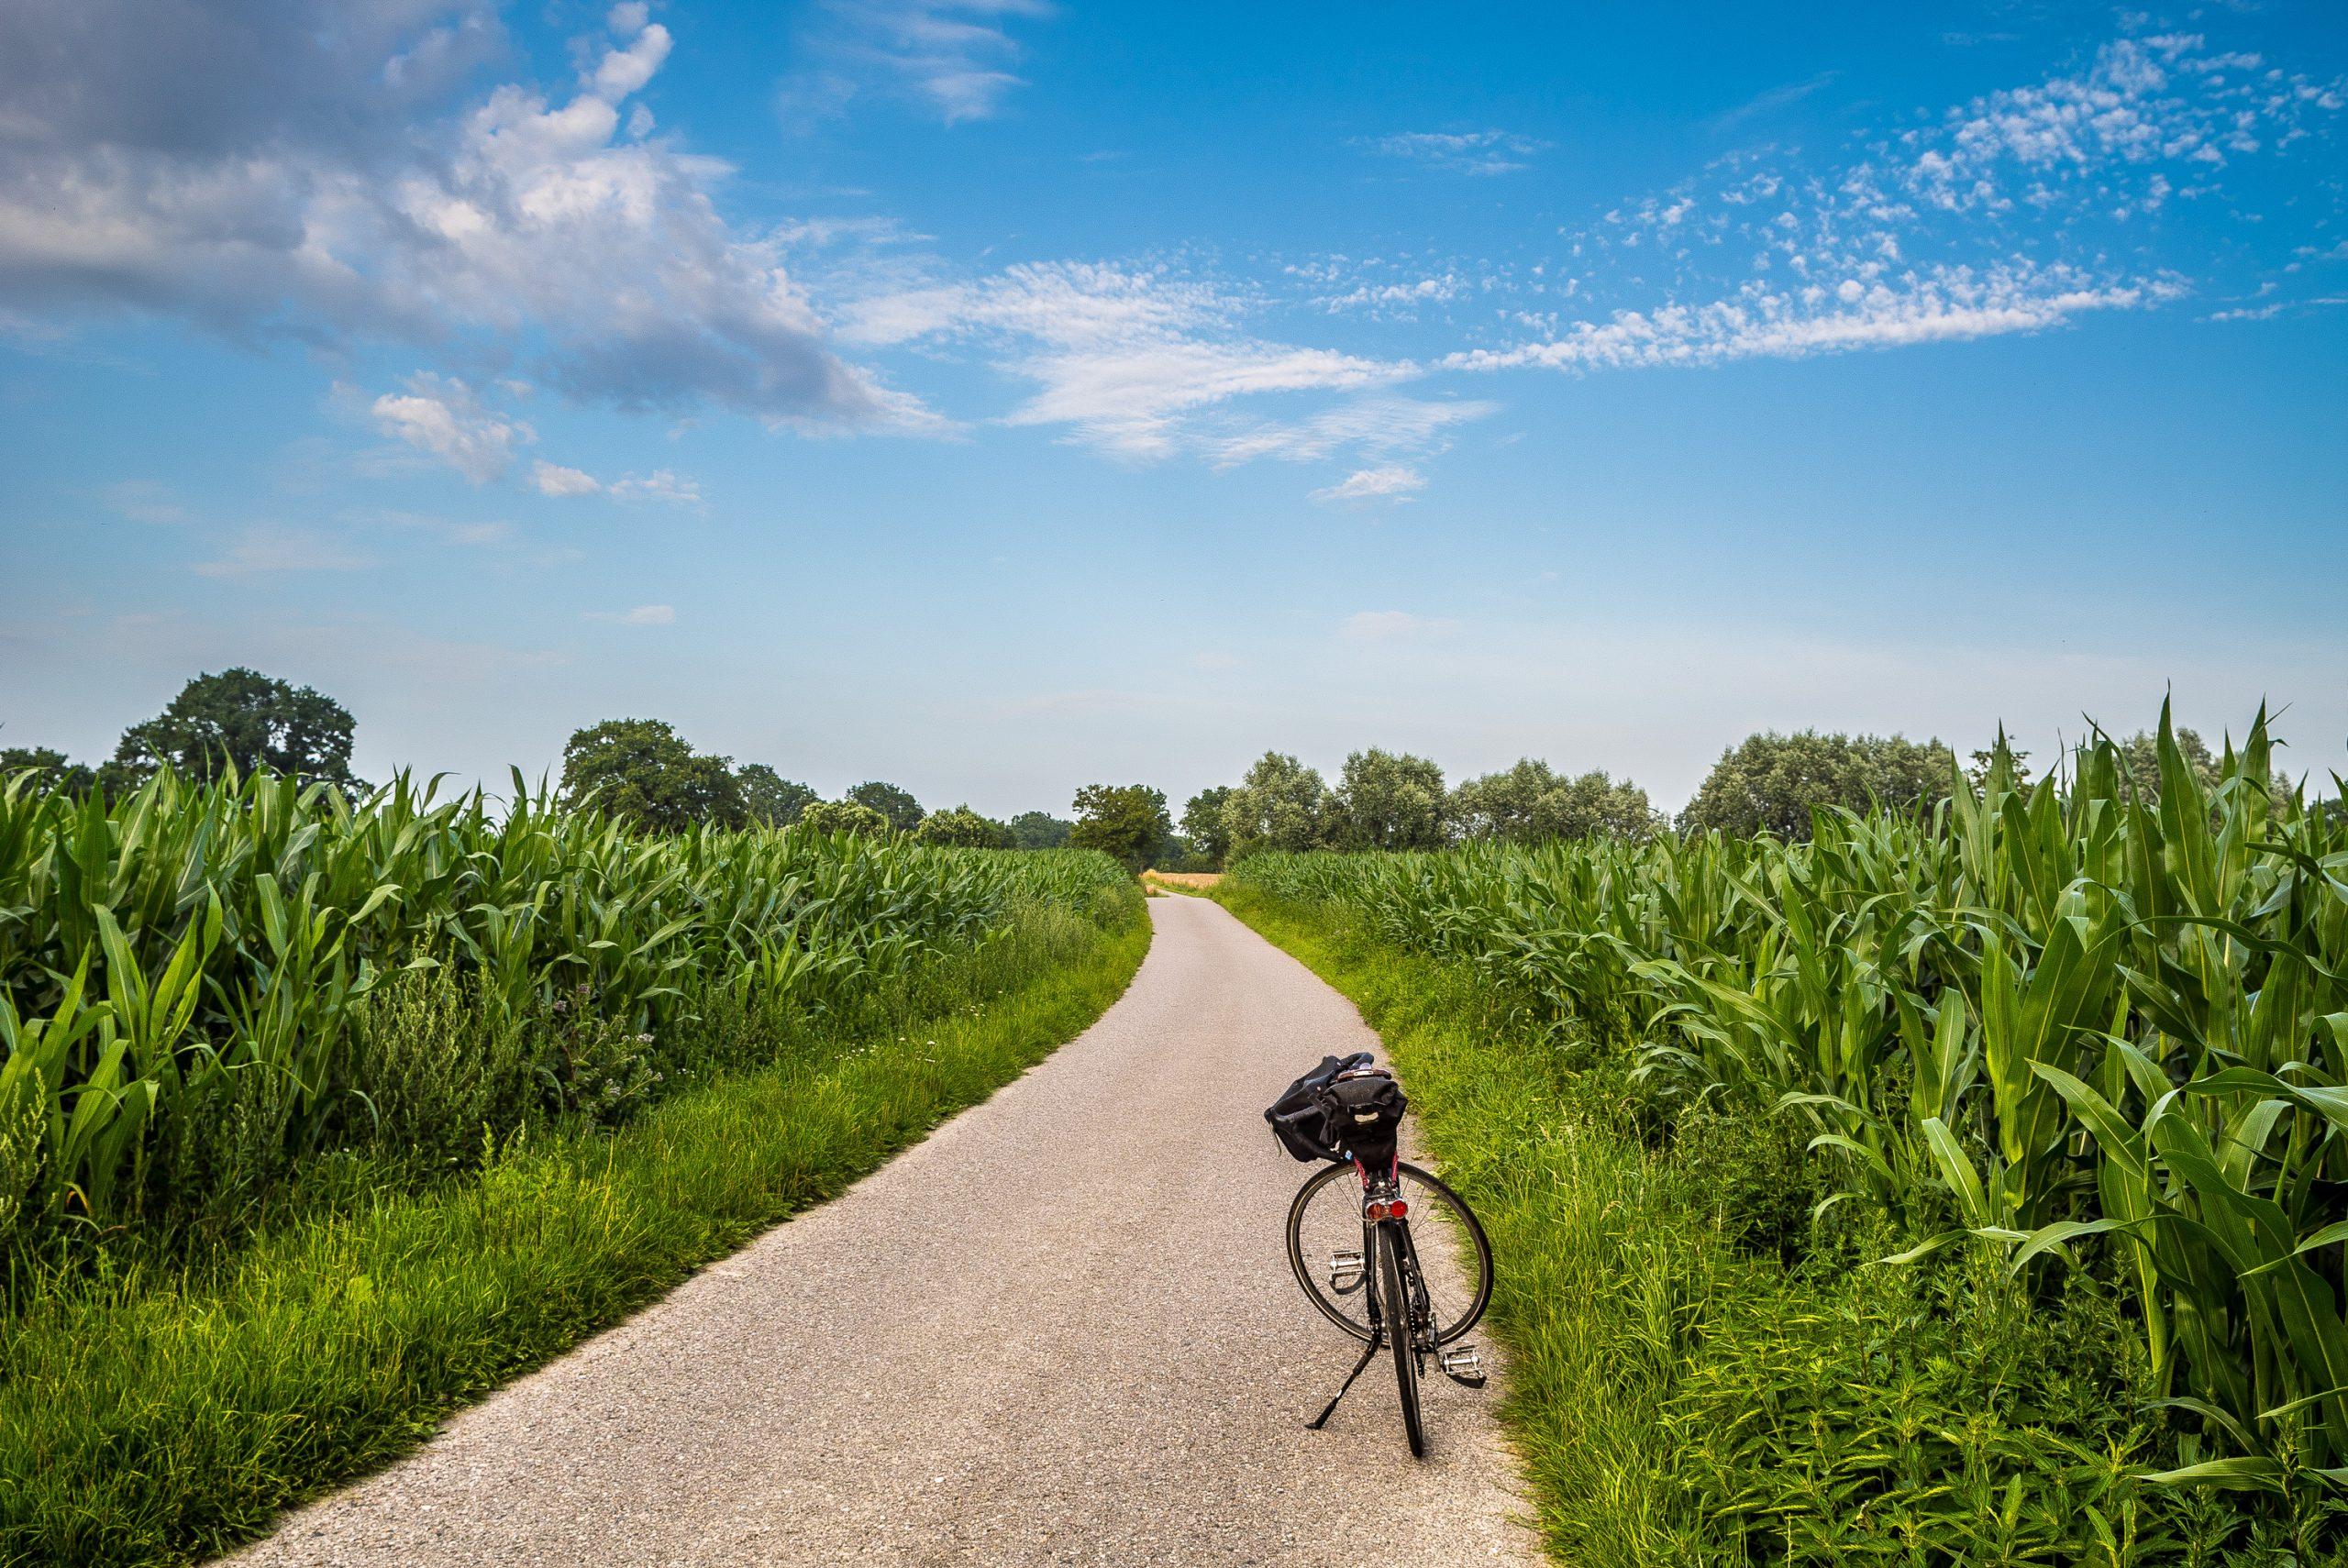 Fahrrad auf schmaler Feldstraße zwischen Maisäckern